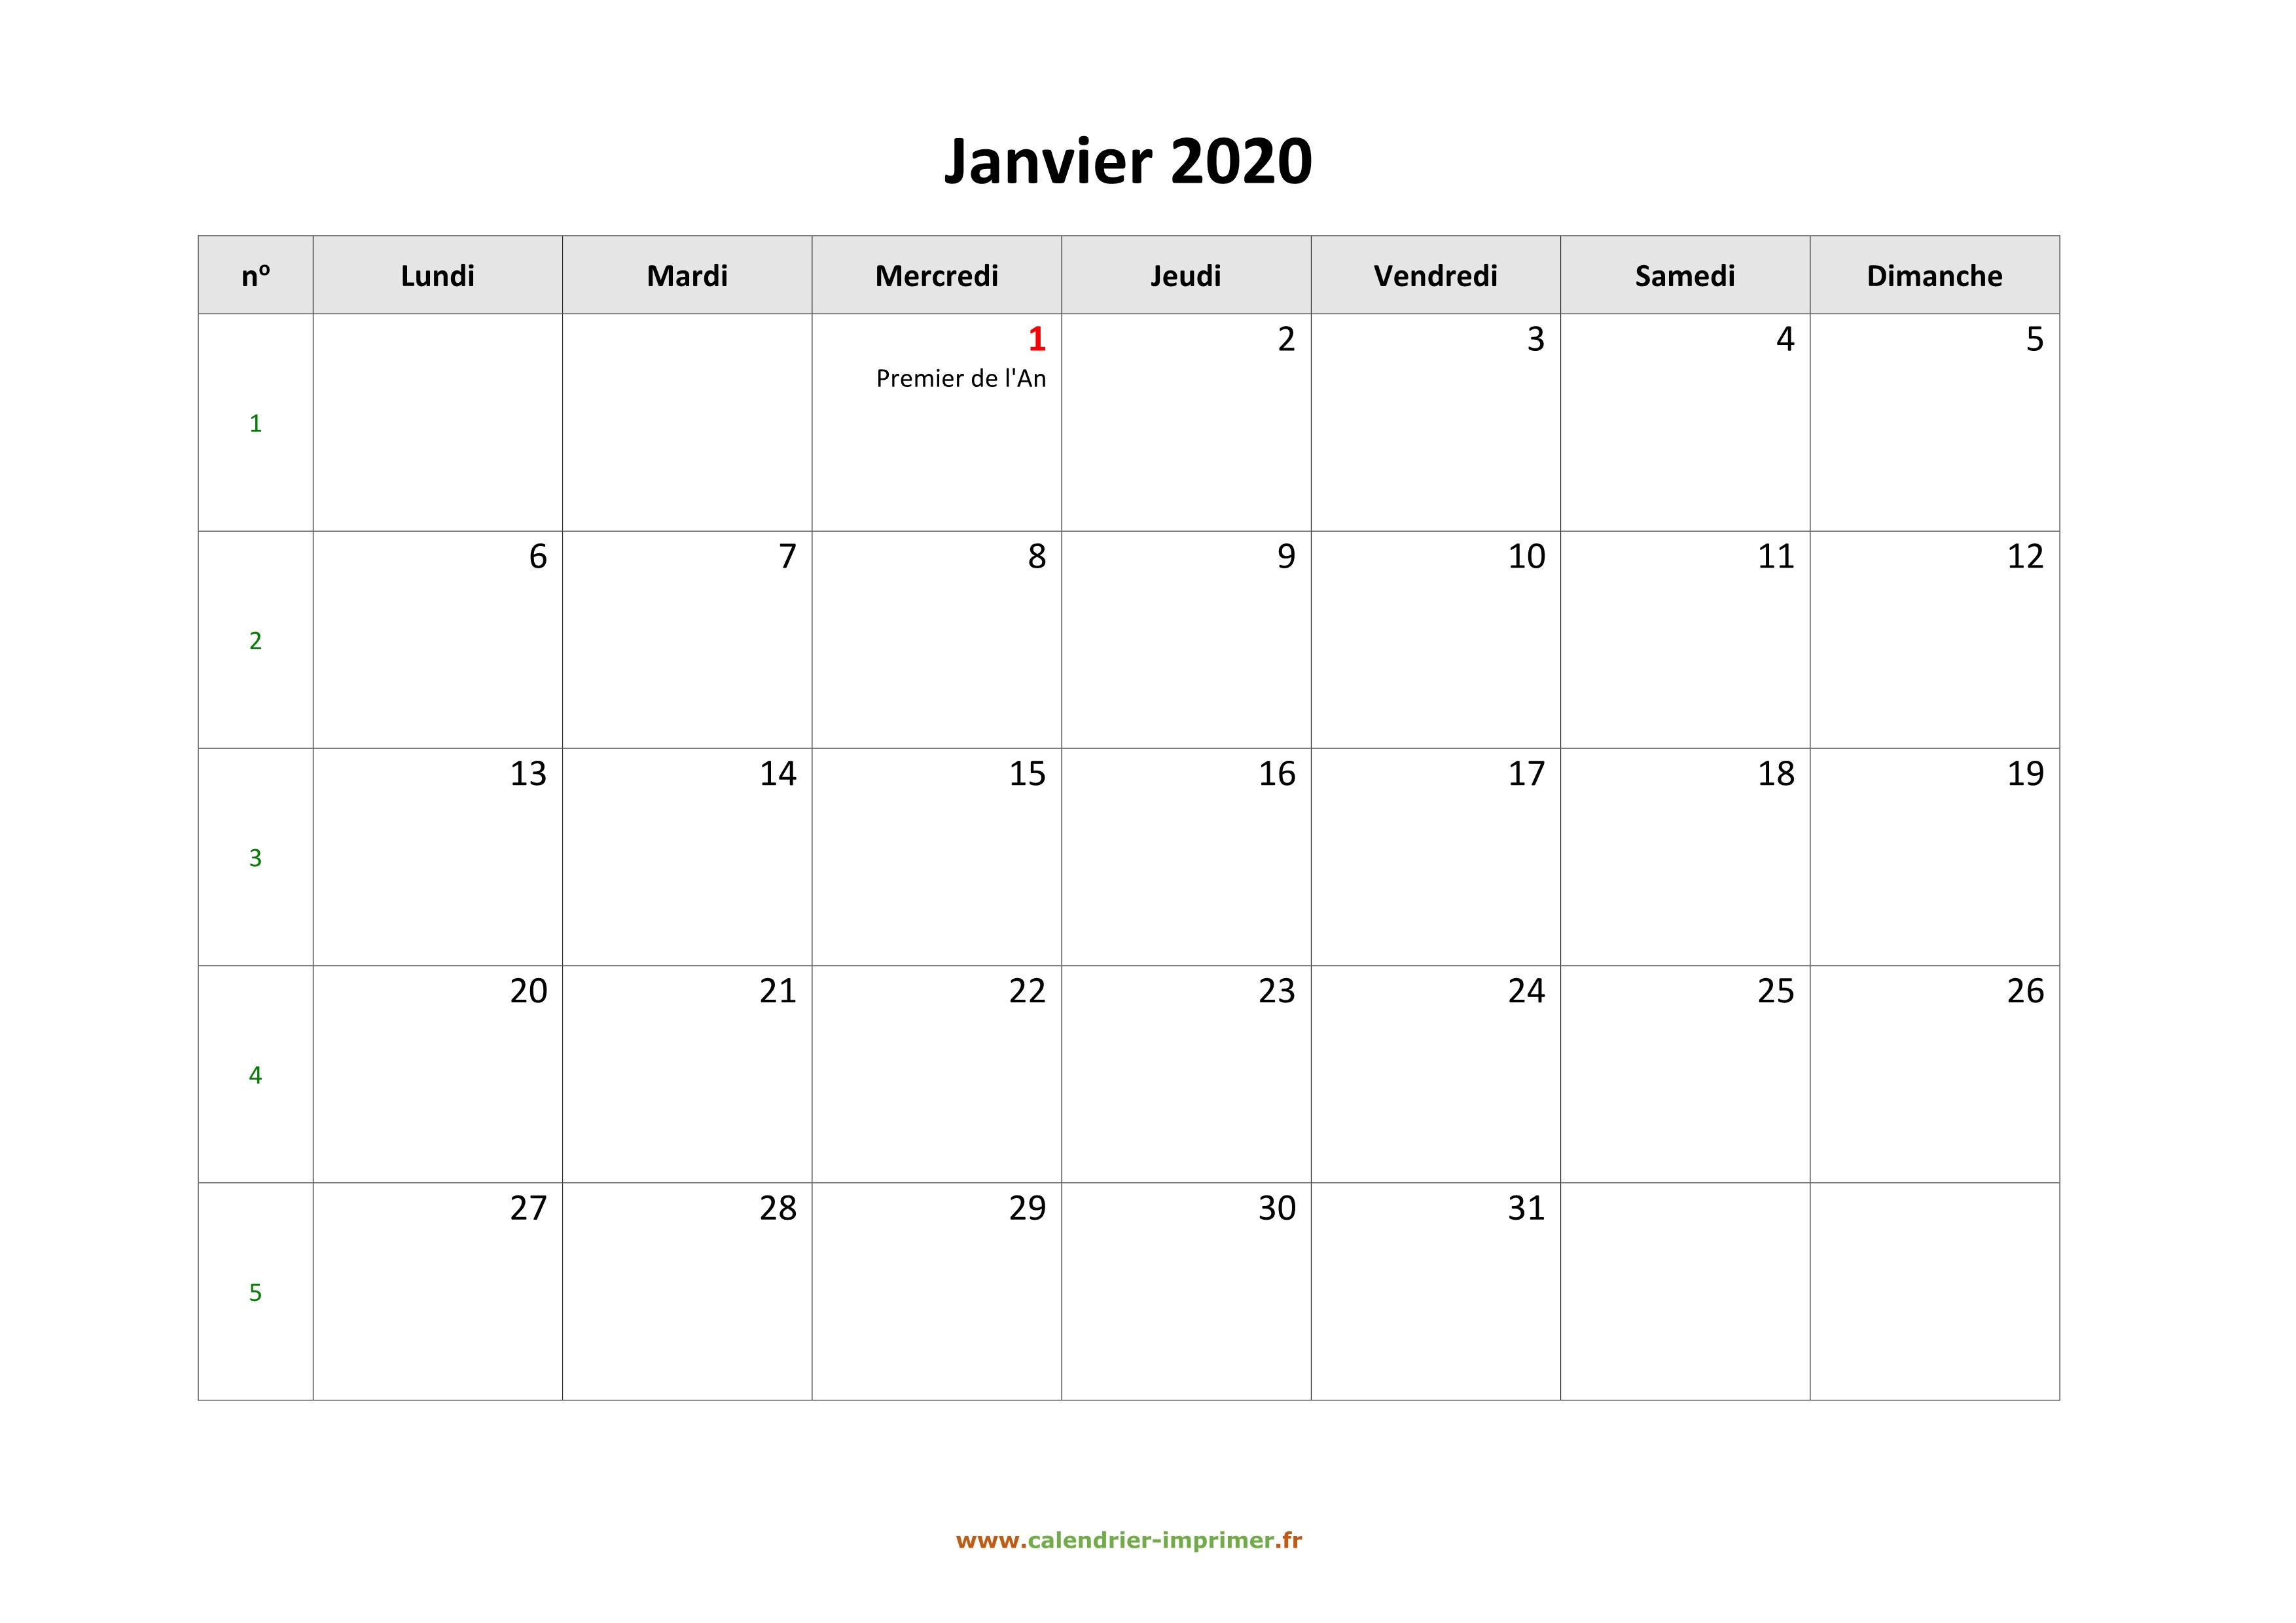 Calendrier Mois Janvier 2020.Calendrier Janvier 2020 A Imprimer